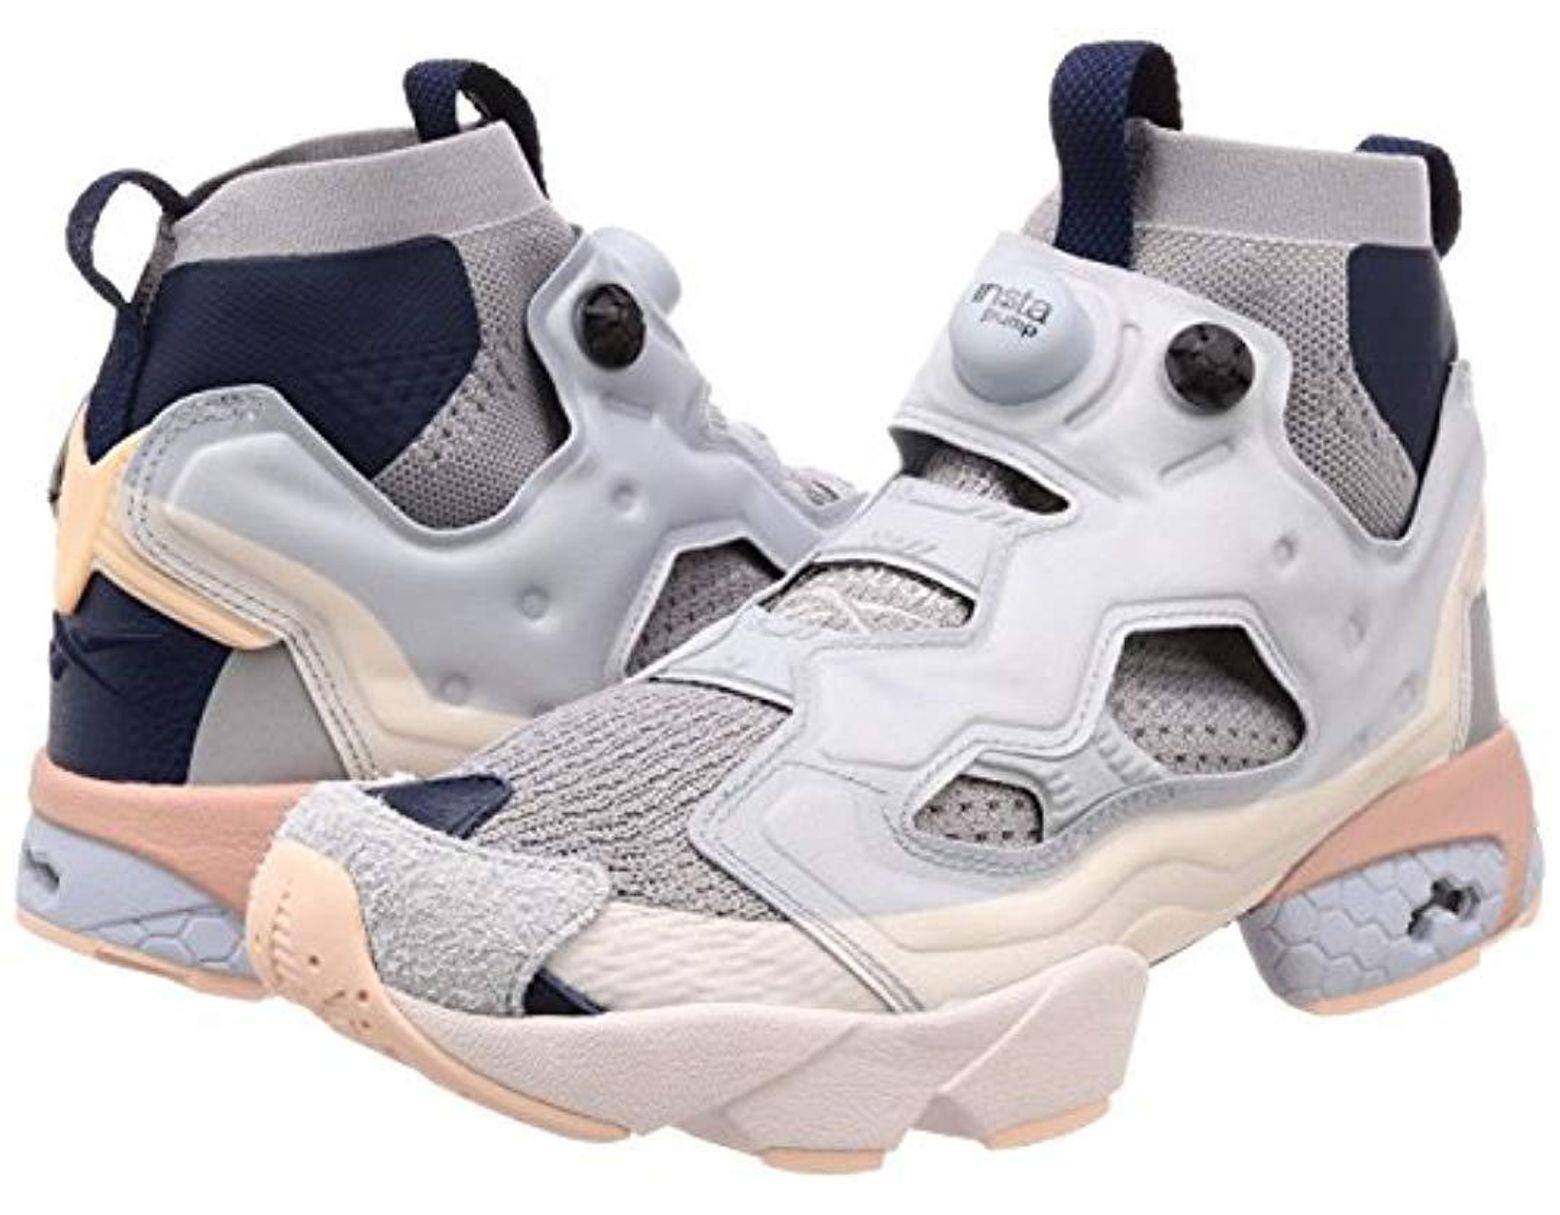 6610de09281df Reebok Instapump Fury Og Ultk Dp S Running Trainers Sneakers in Gray ...